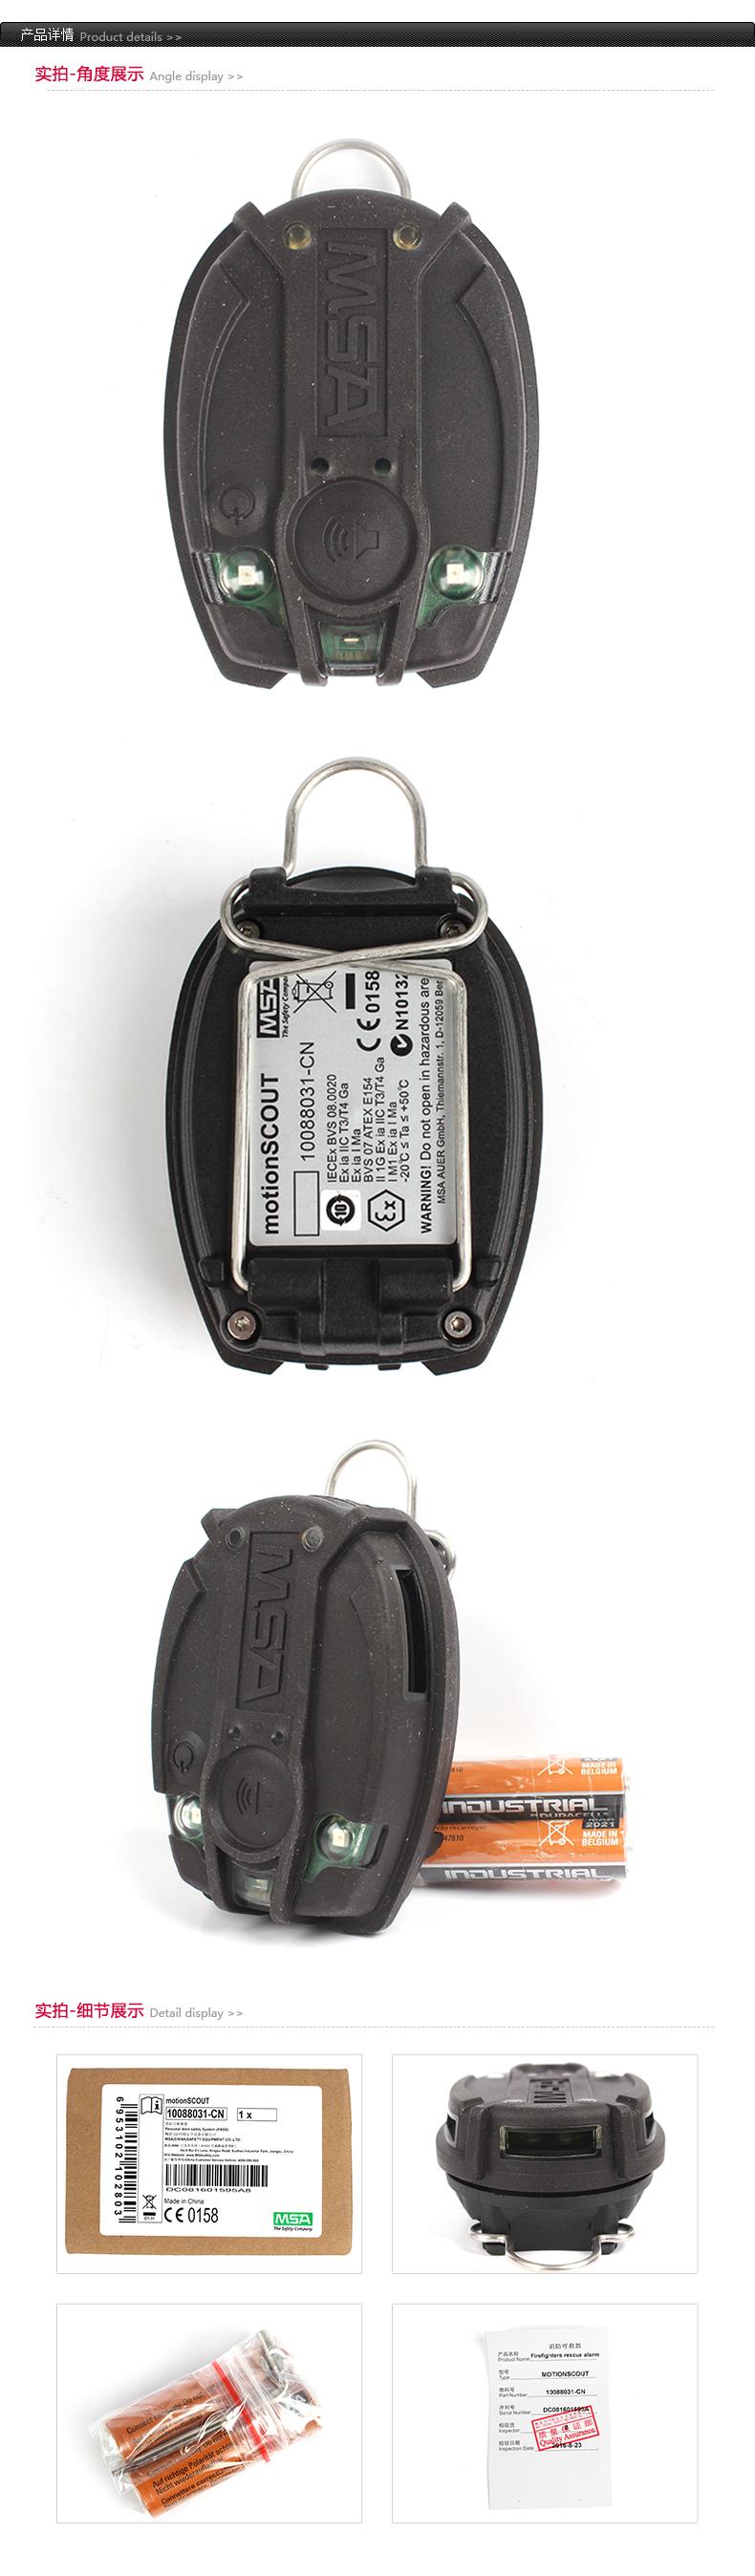 MSA/梅思安 10088034-CN motionSCOUT K-T 呼救器钥匙启动 带温度感应器